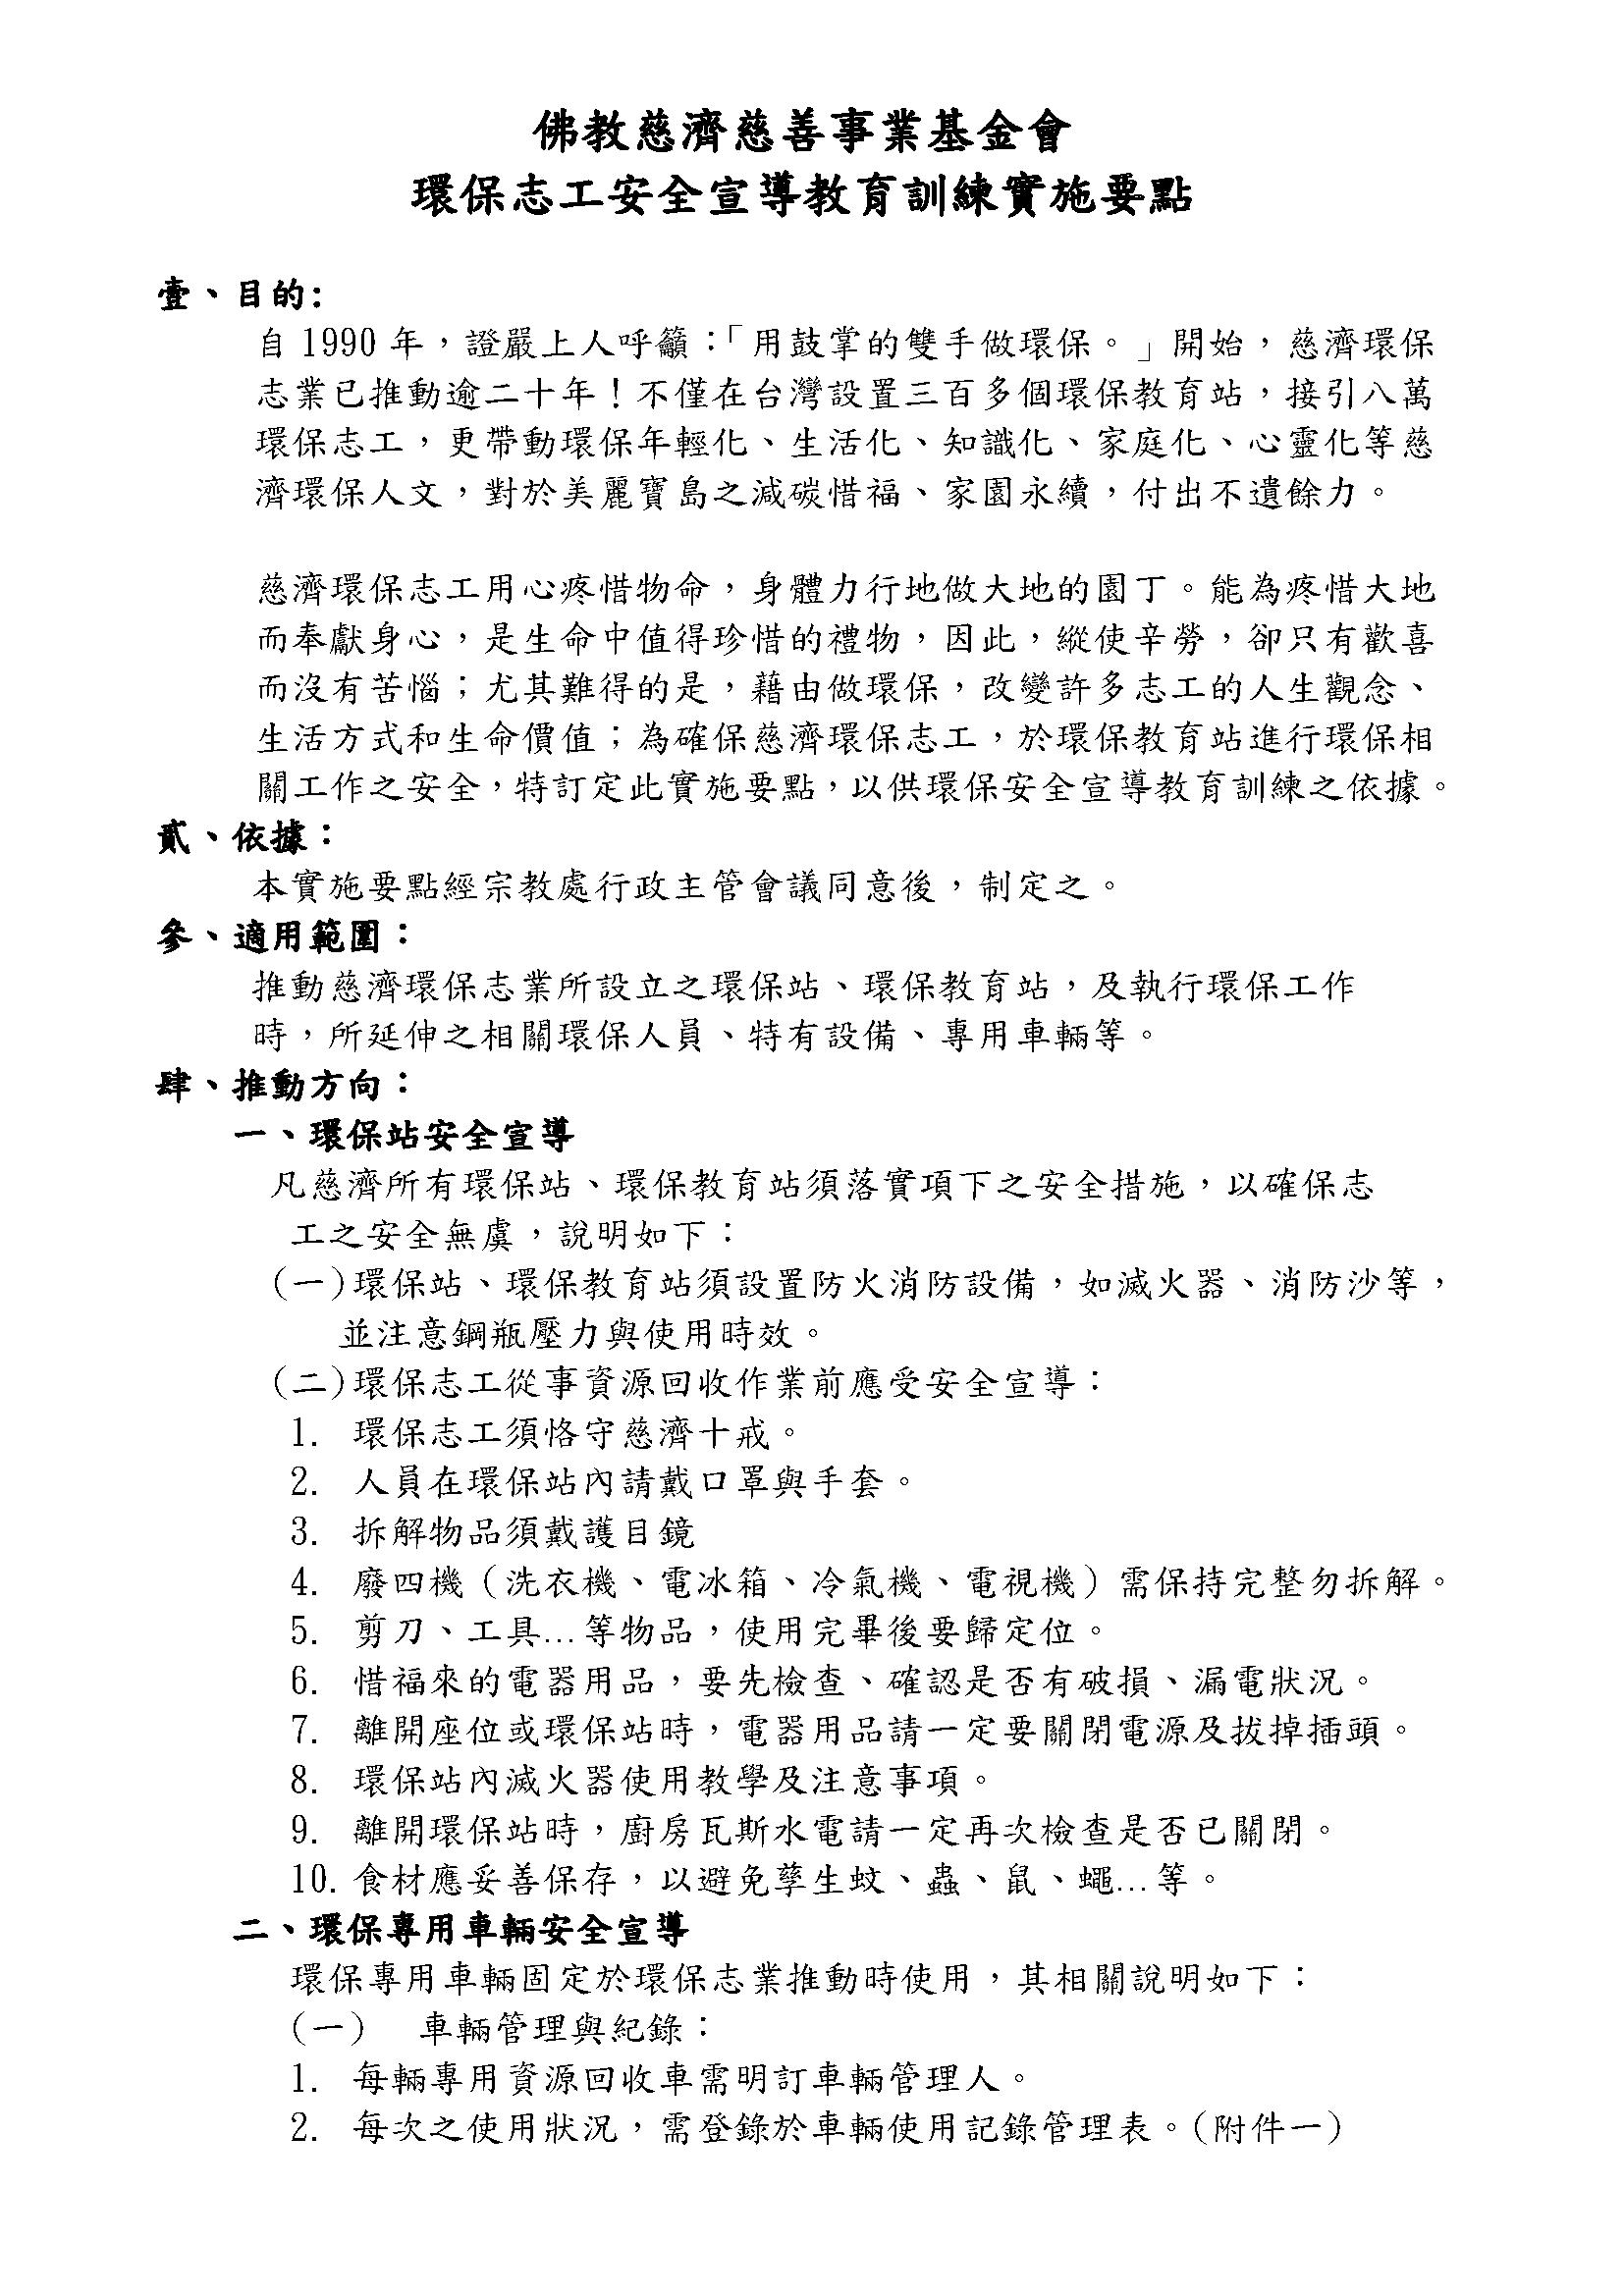 高雄附件3-環保志工安全宣導實施要點_頁面_1.png